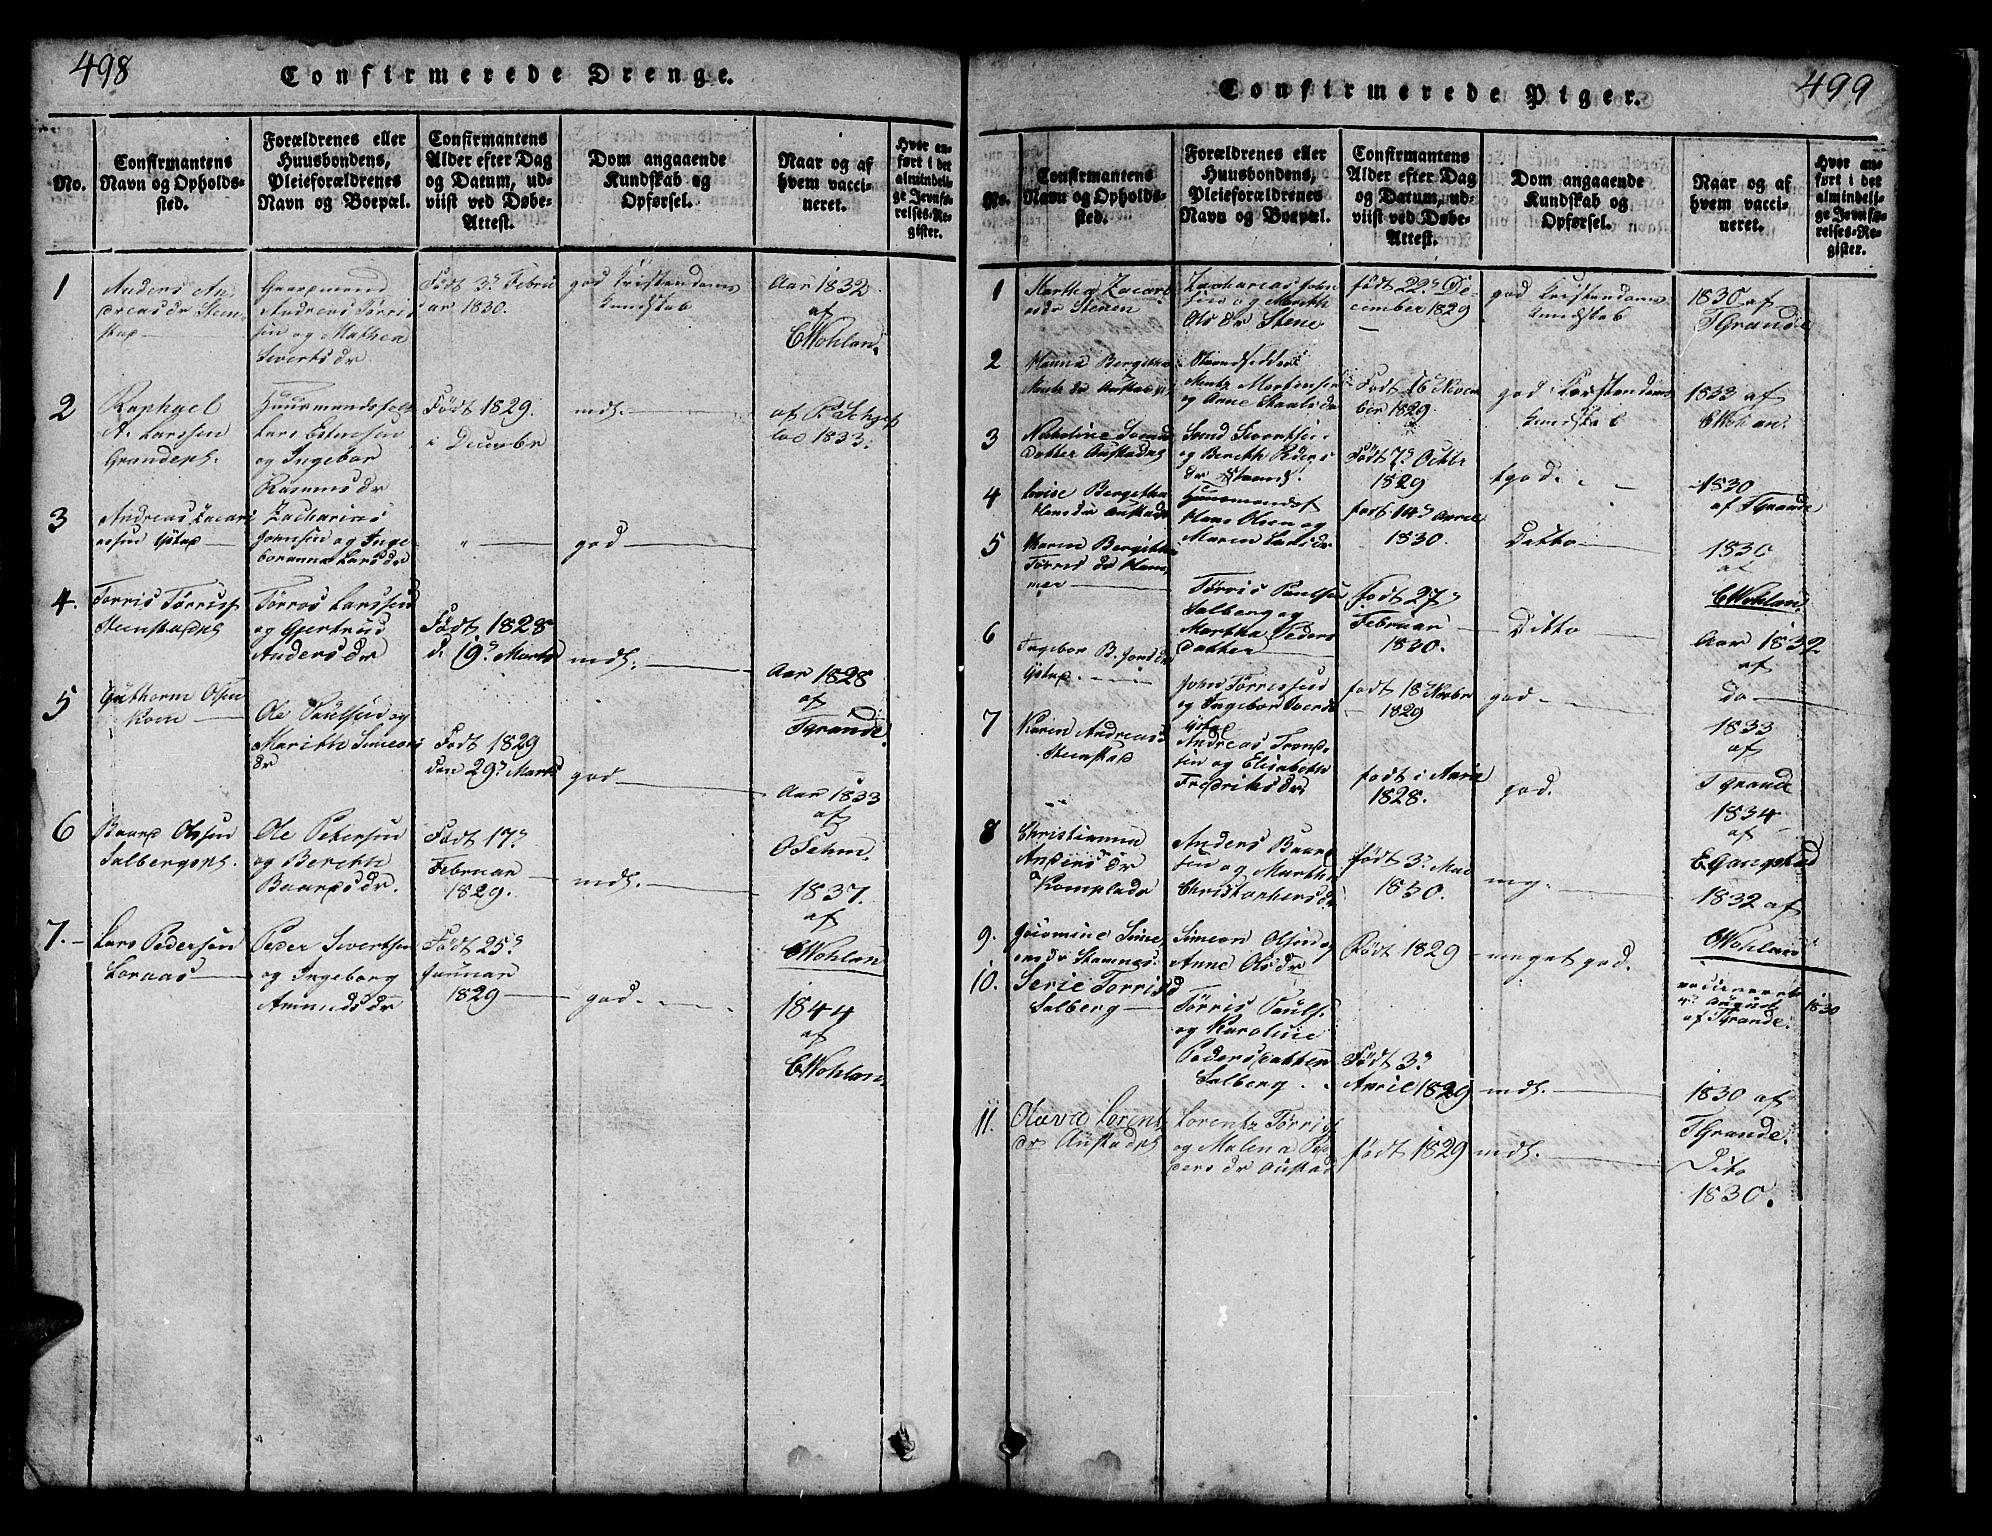 SAT, Ministerialprotokoller, klokkerbøker og fødselsregistre - Nord-Trøndelag, 731/L0310: Klokkerbok nr. 731C01, 1816-1874, s. 498-499